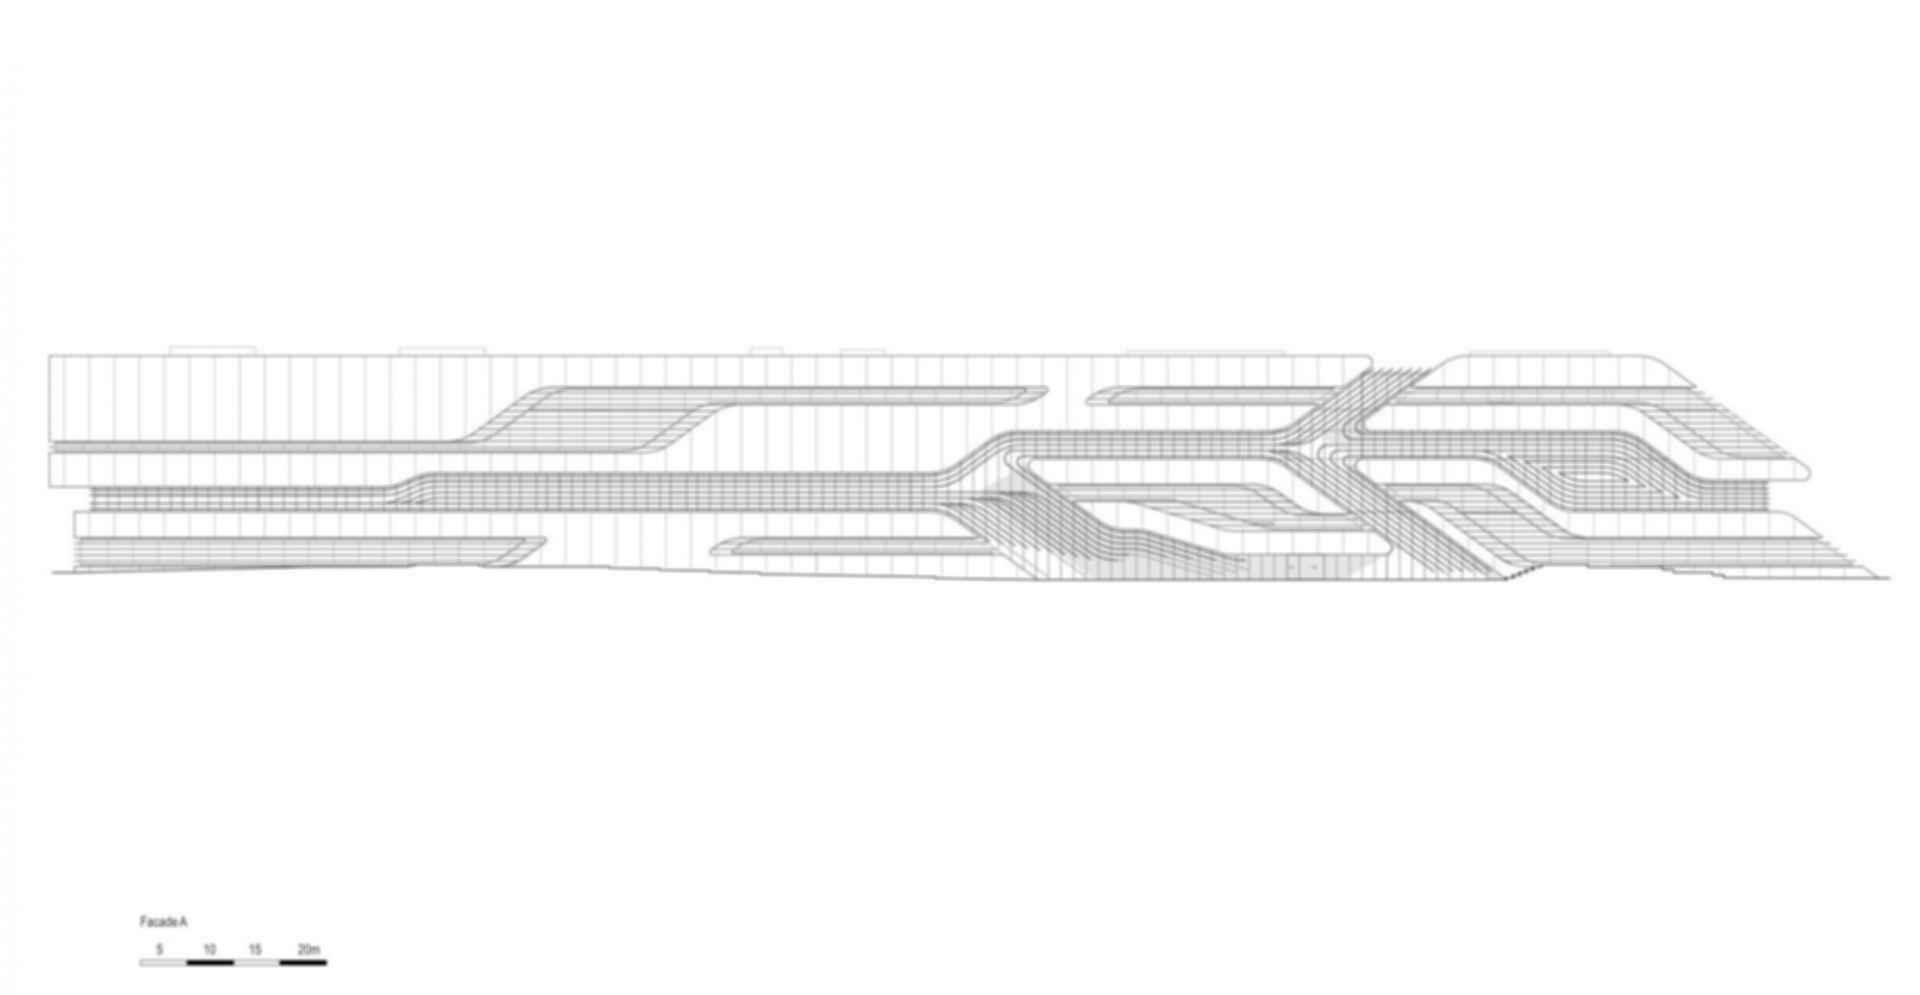 Pierres Vives - Concept Design